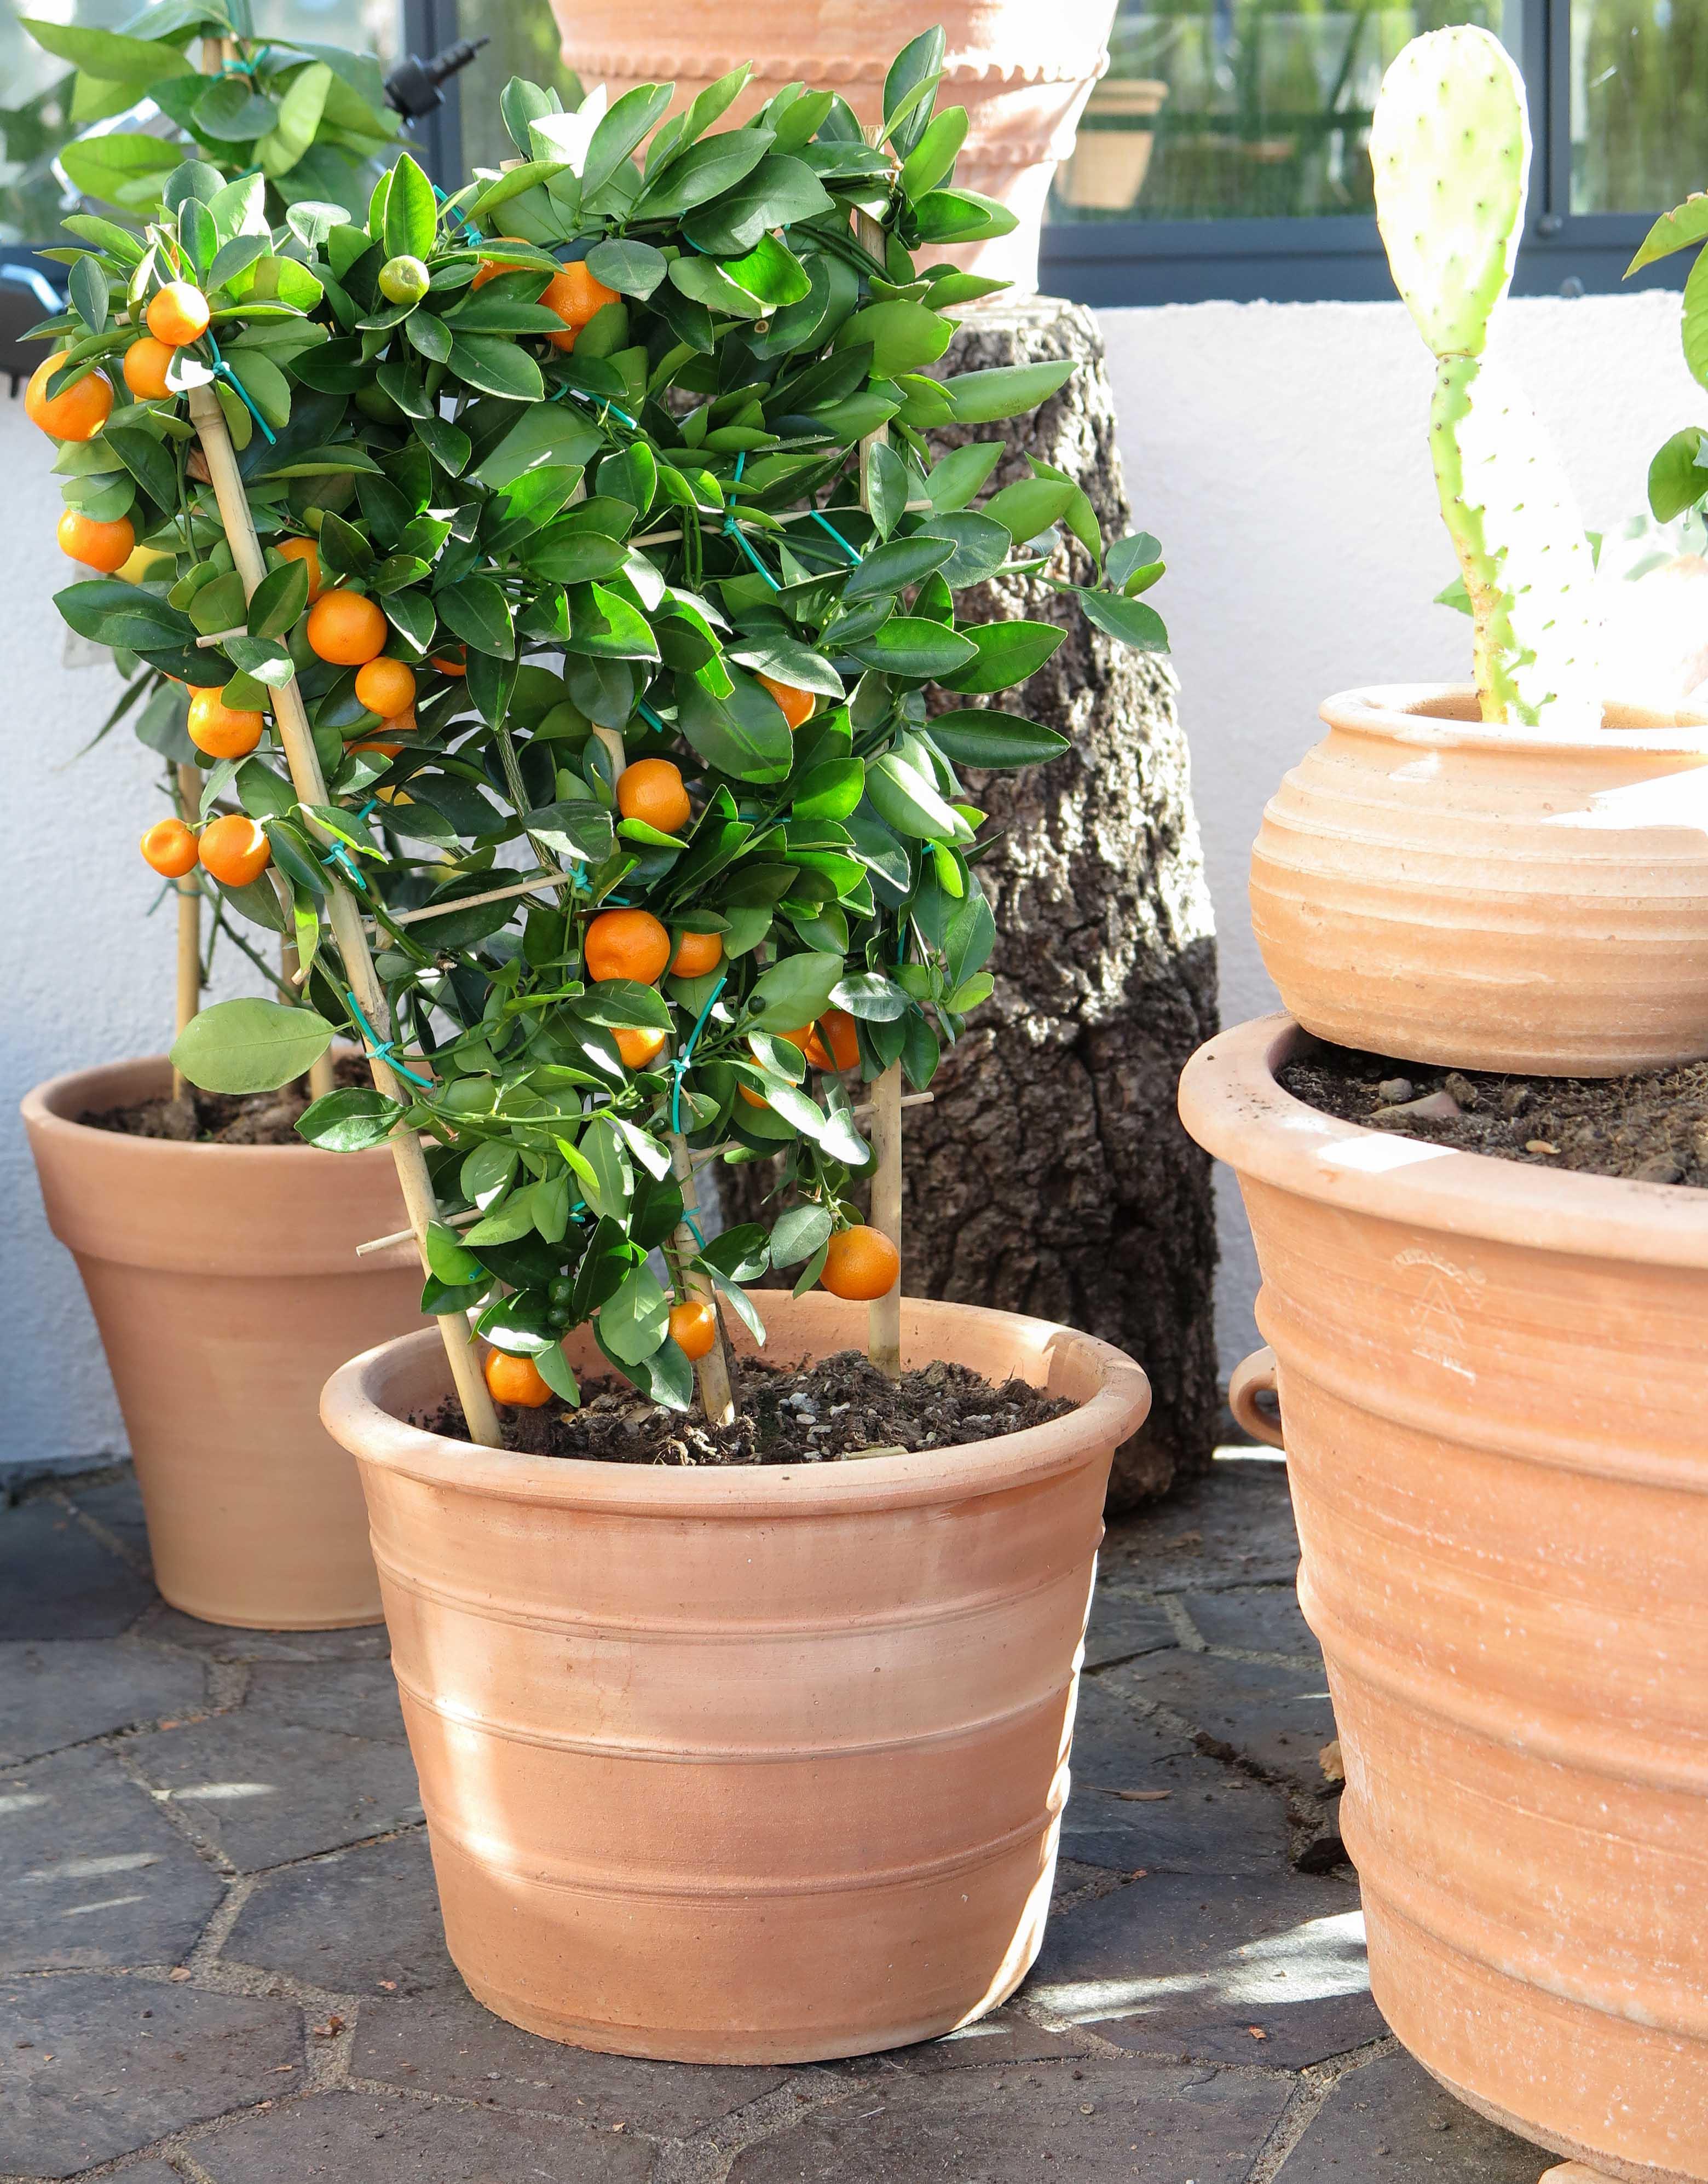 Handgjorda krukor från Kreta. Krukorna är frosttåliga och är av allra högsta kvalitet.